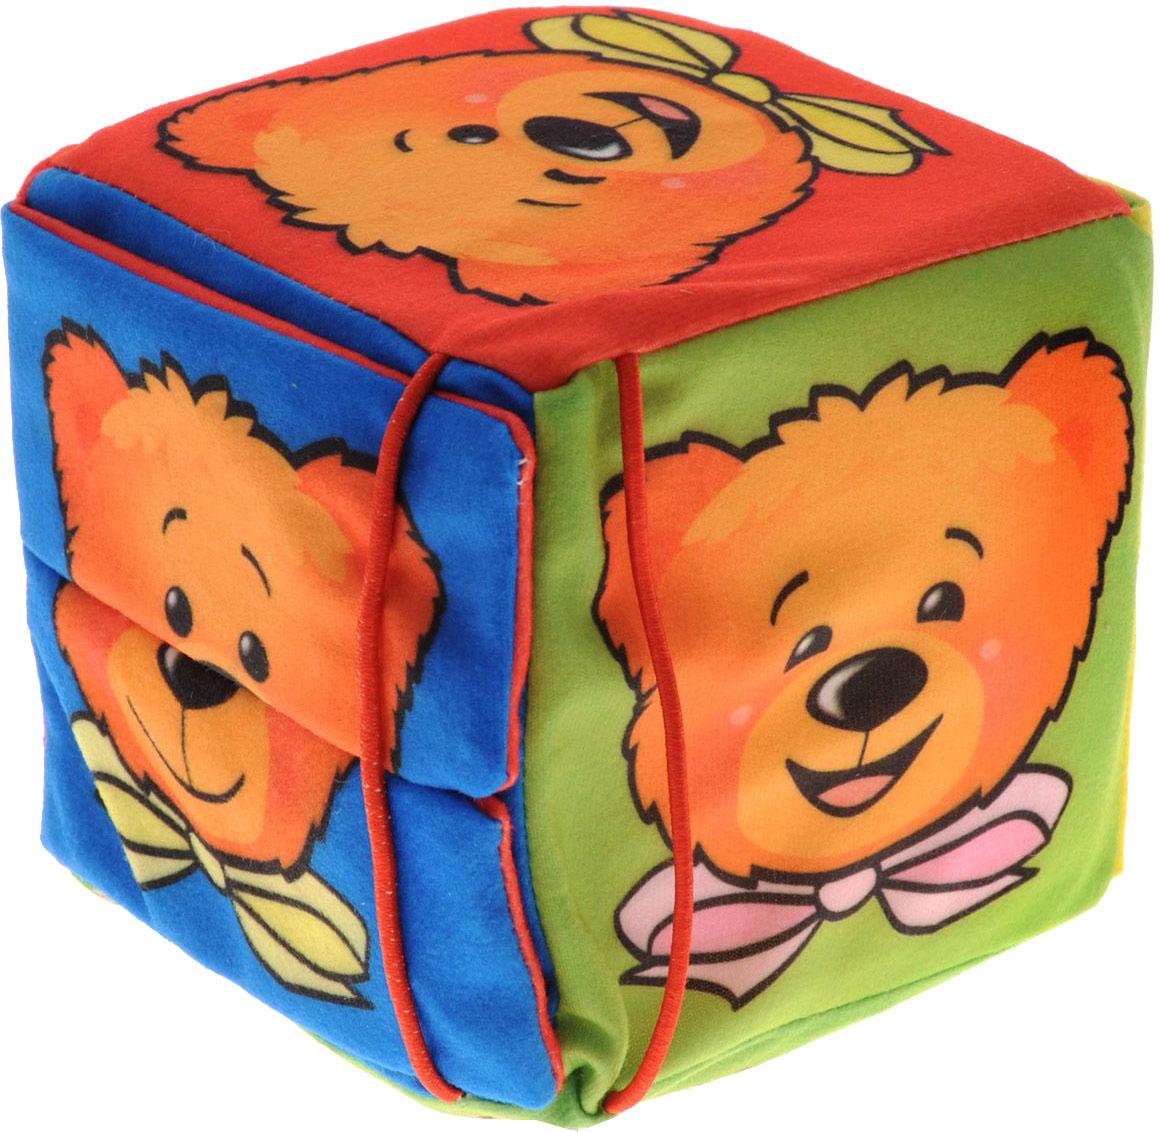 цена Развивающие игрушки Расти Малыш Мишкины эмоции